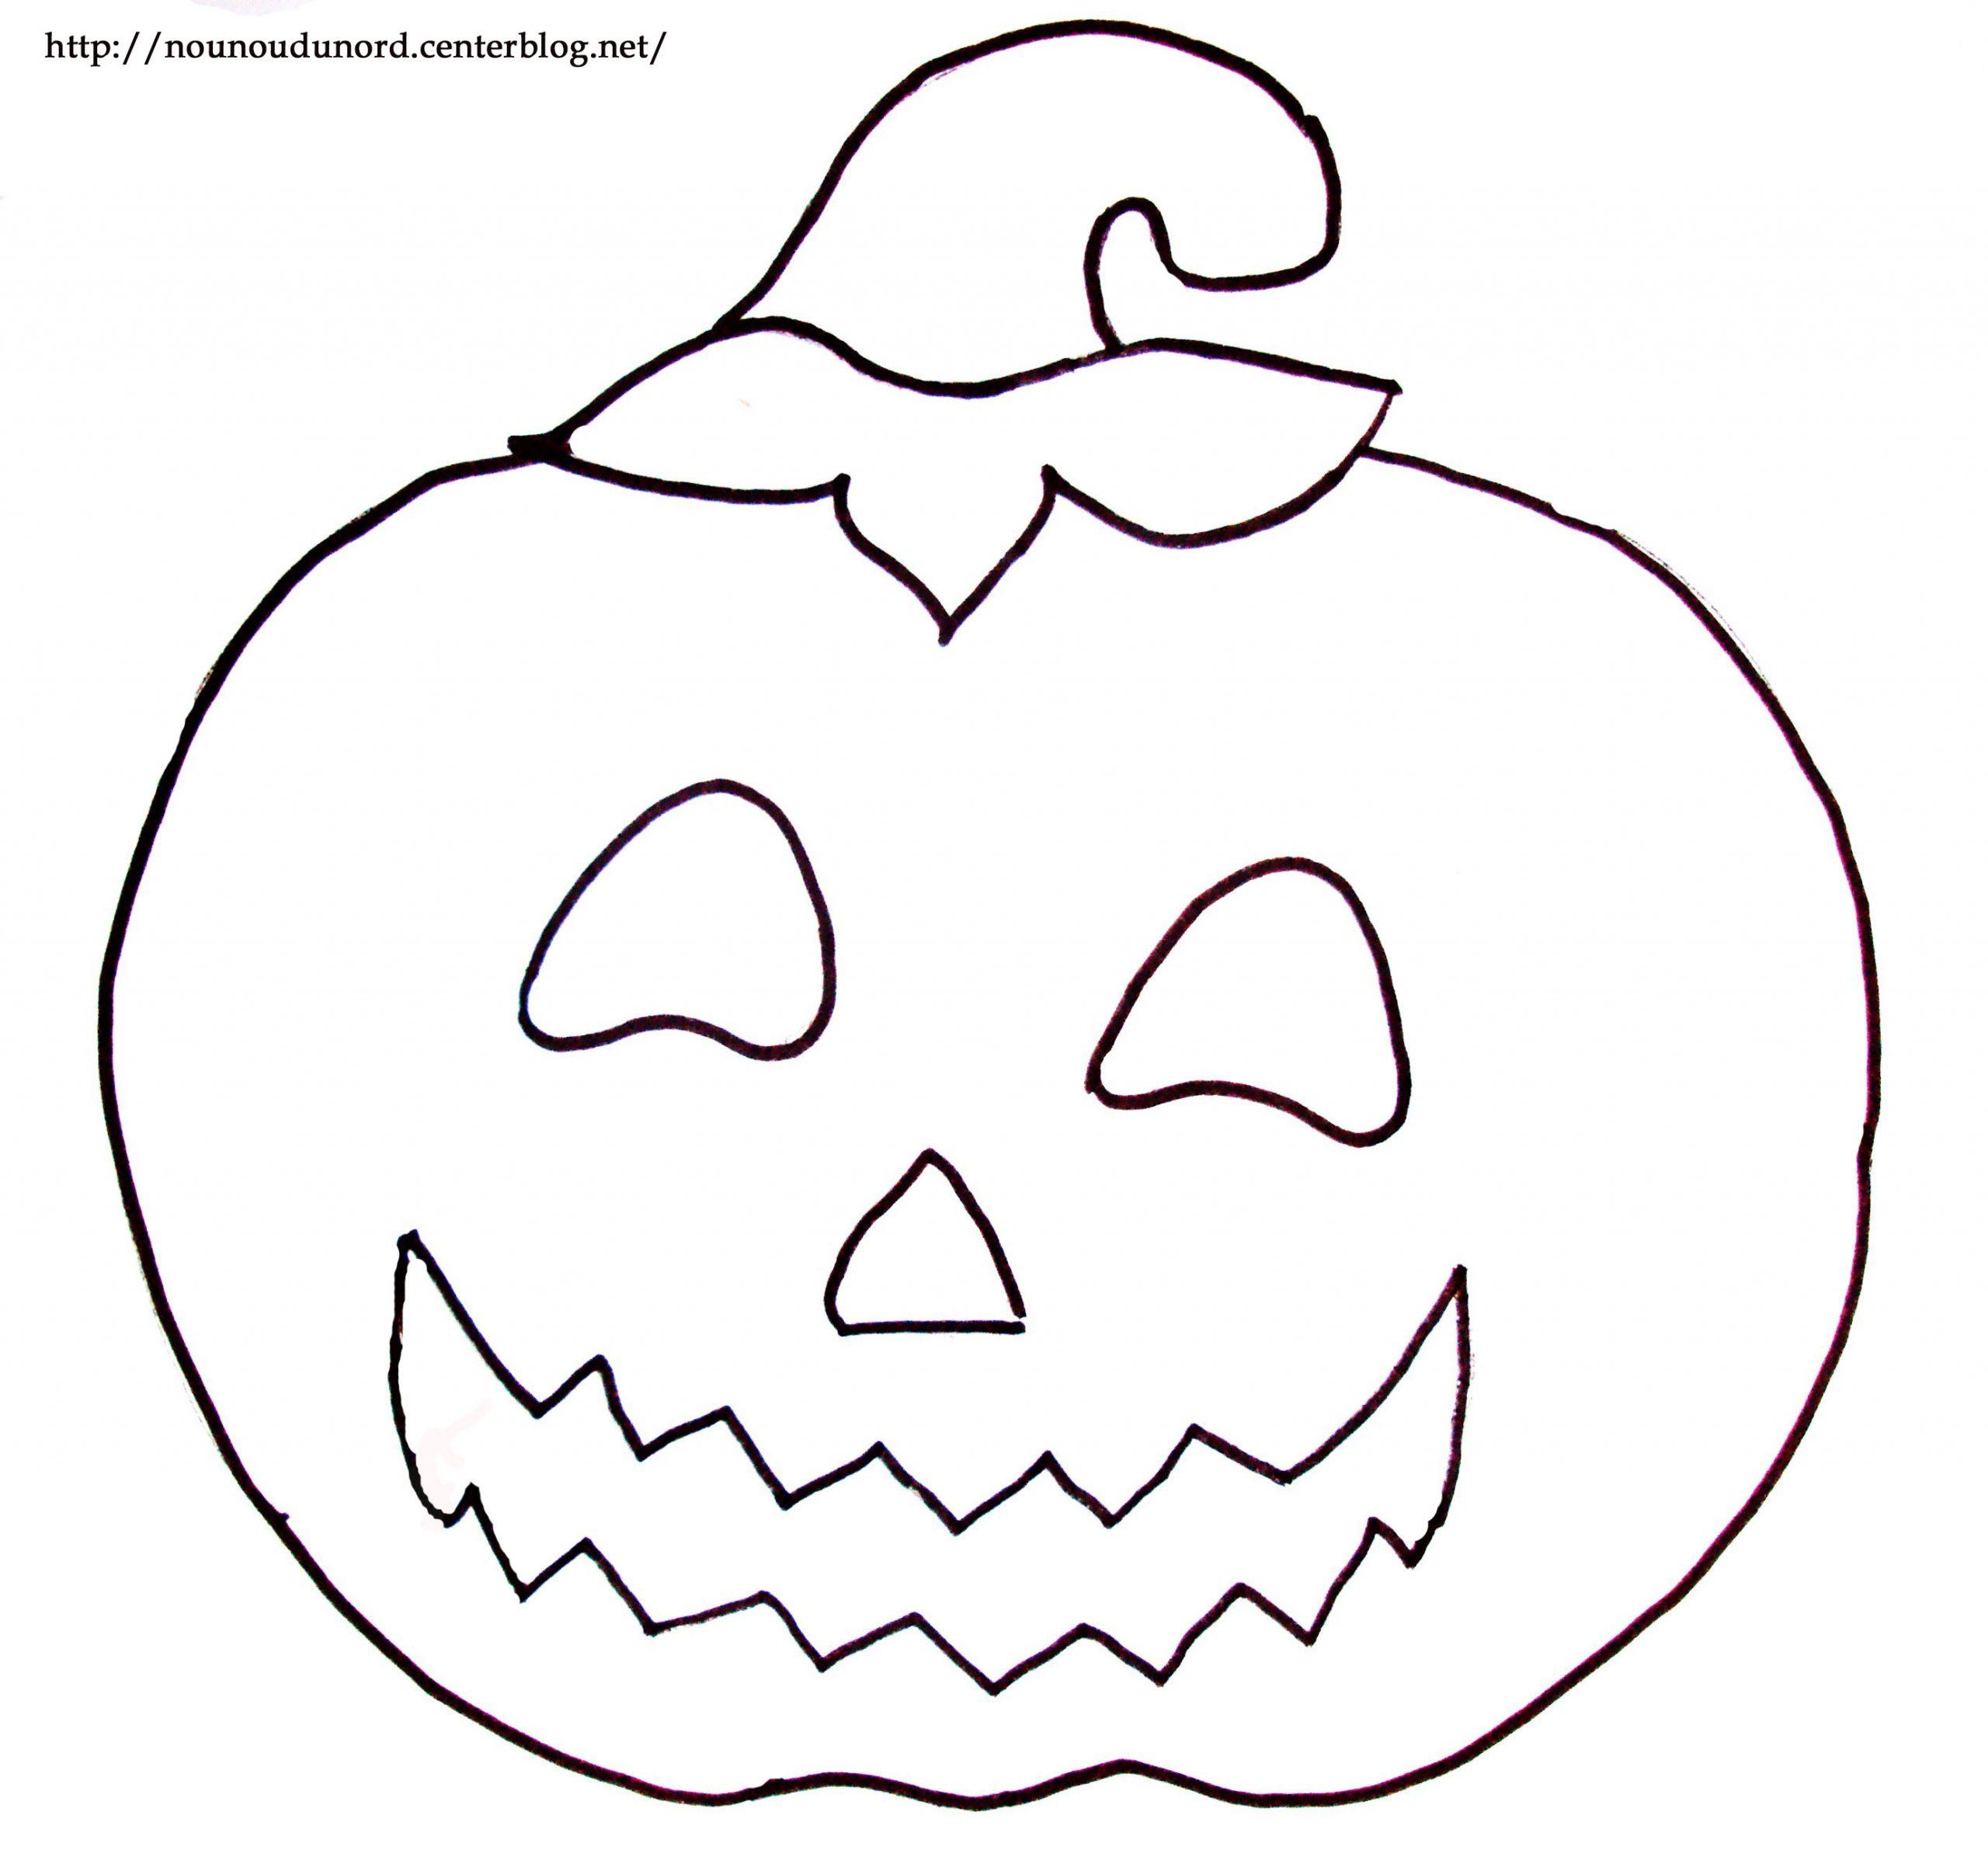 Coloriage À Dessiner Citrouille Imprimer Gratuit intérieur Dessin D Halloween Facile A Dessiner